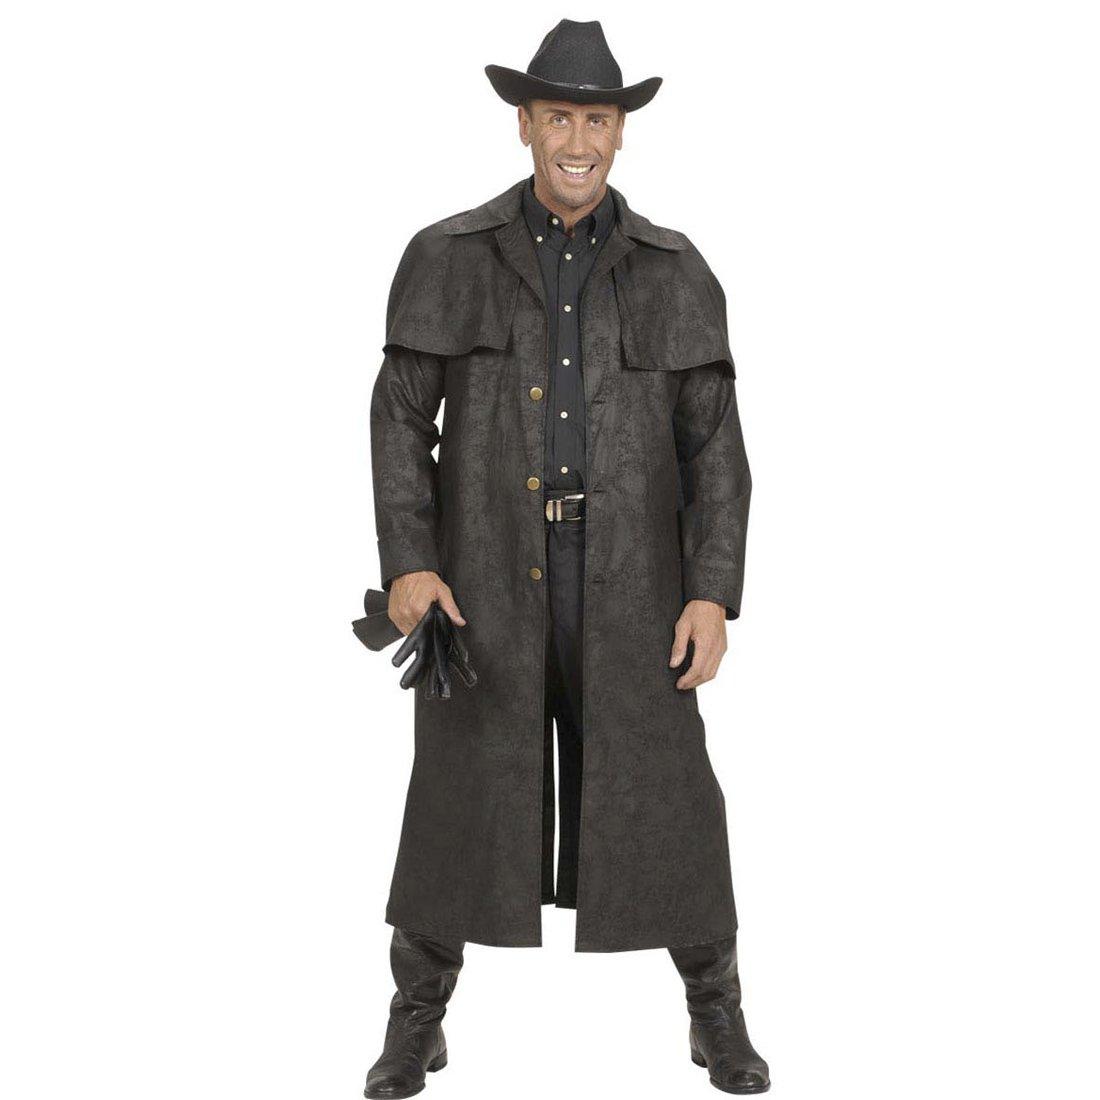 Amakando Disfraz del Oeste Abrigo Vaquero Negro L 52 Atuendo ...